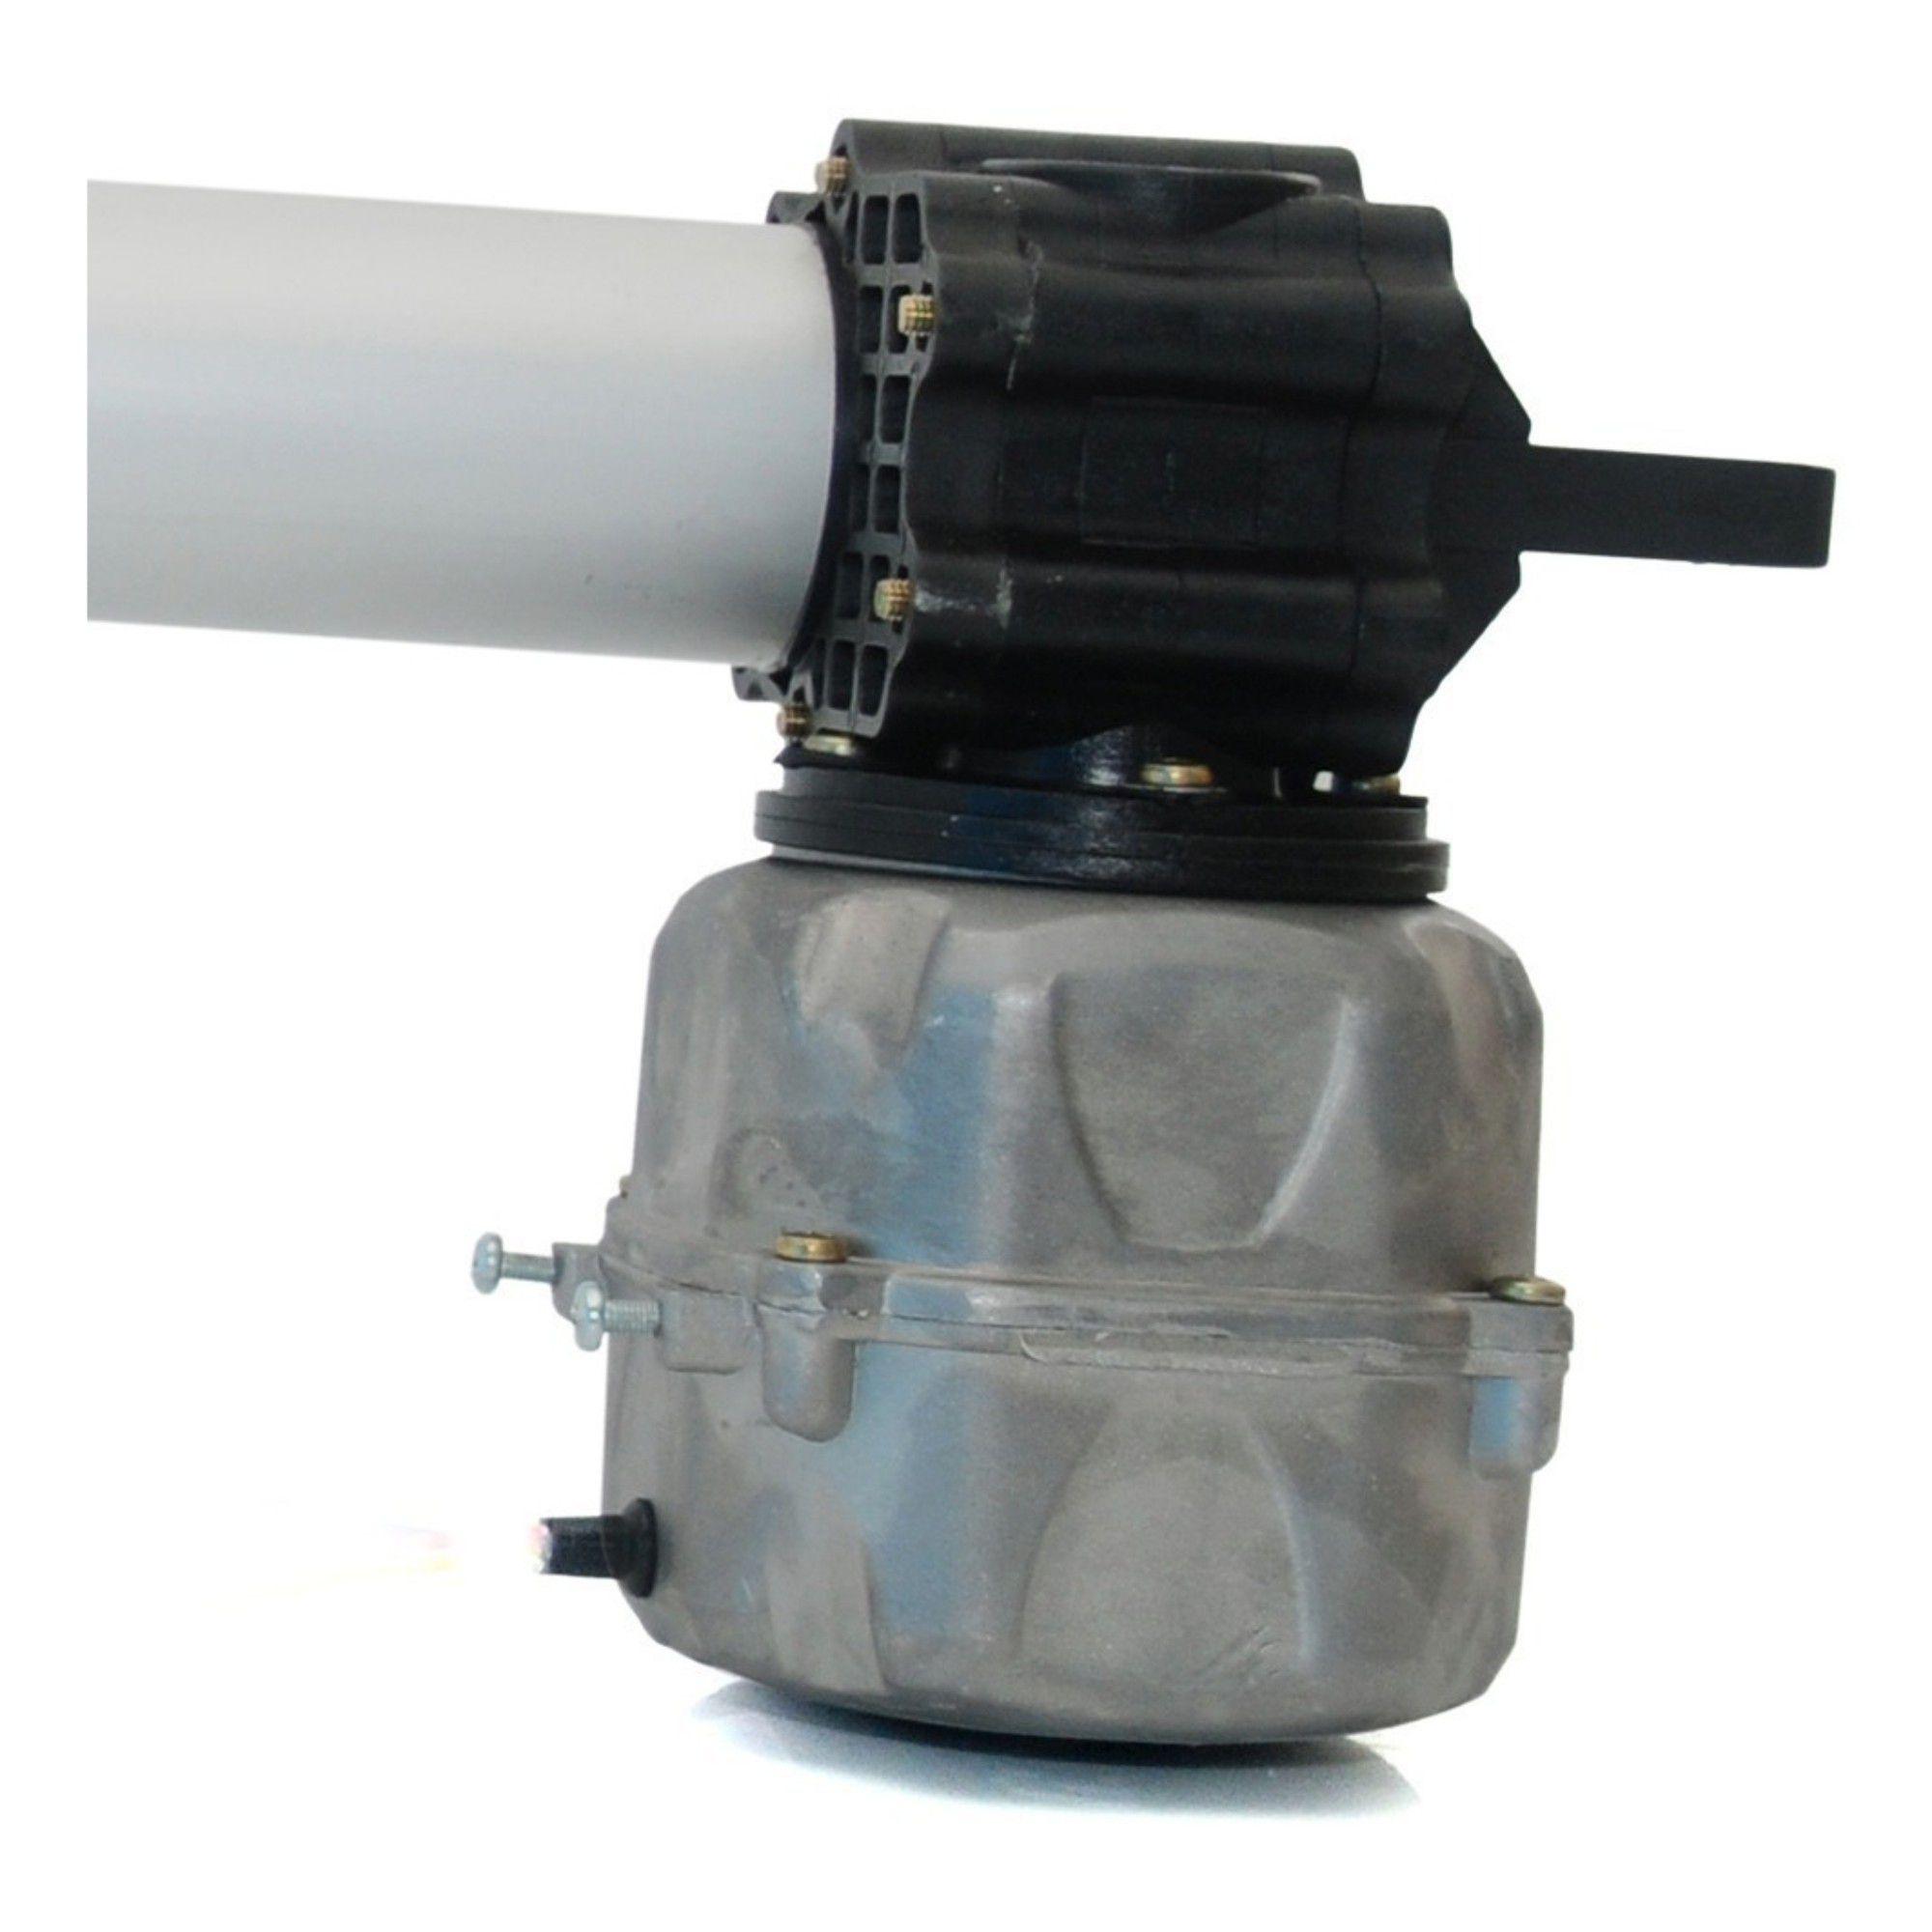 Motor Pivotante Rossi Plp3 MDP 500mm 127v